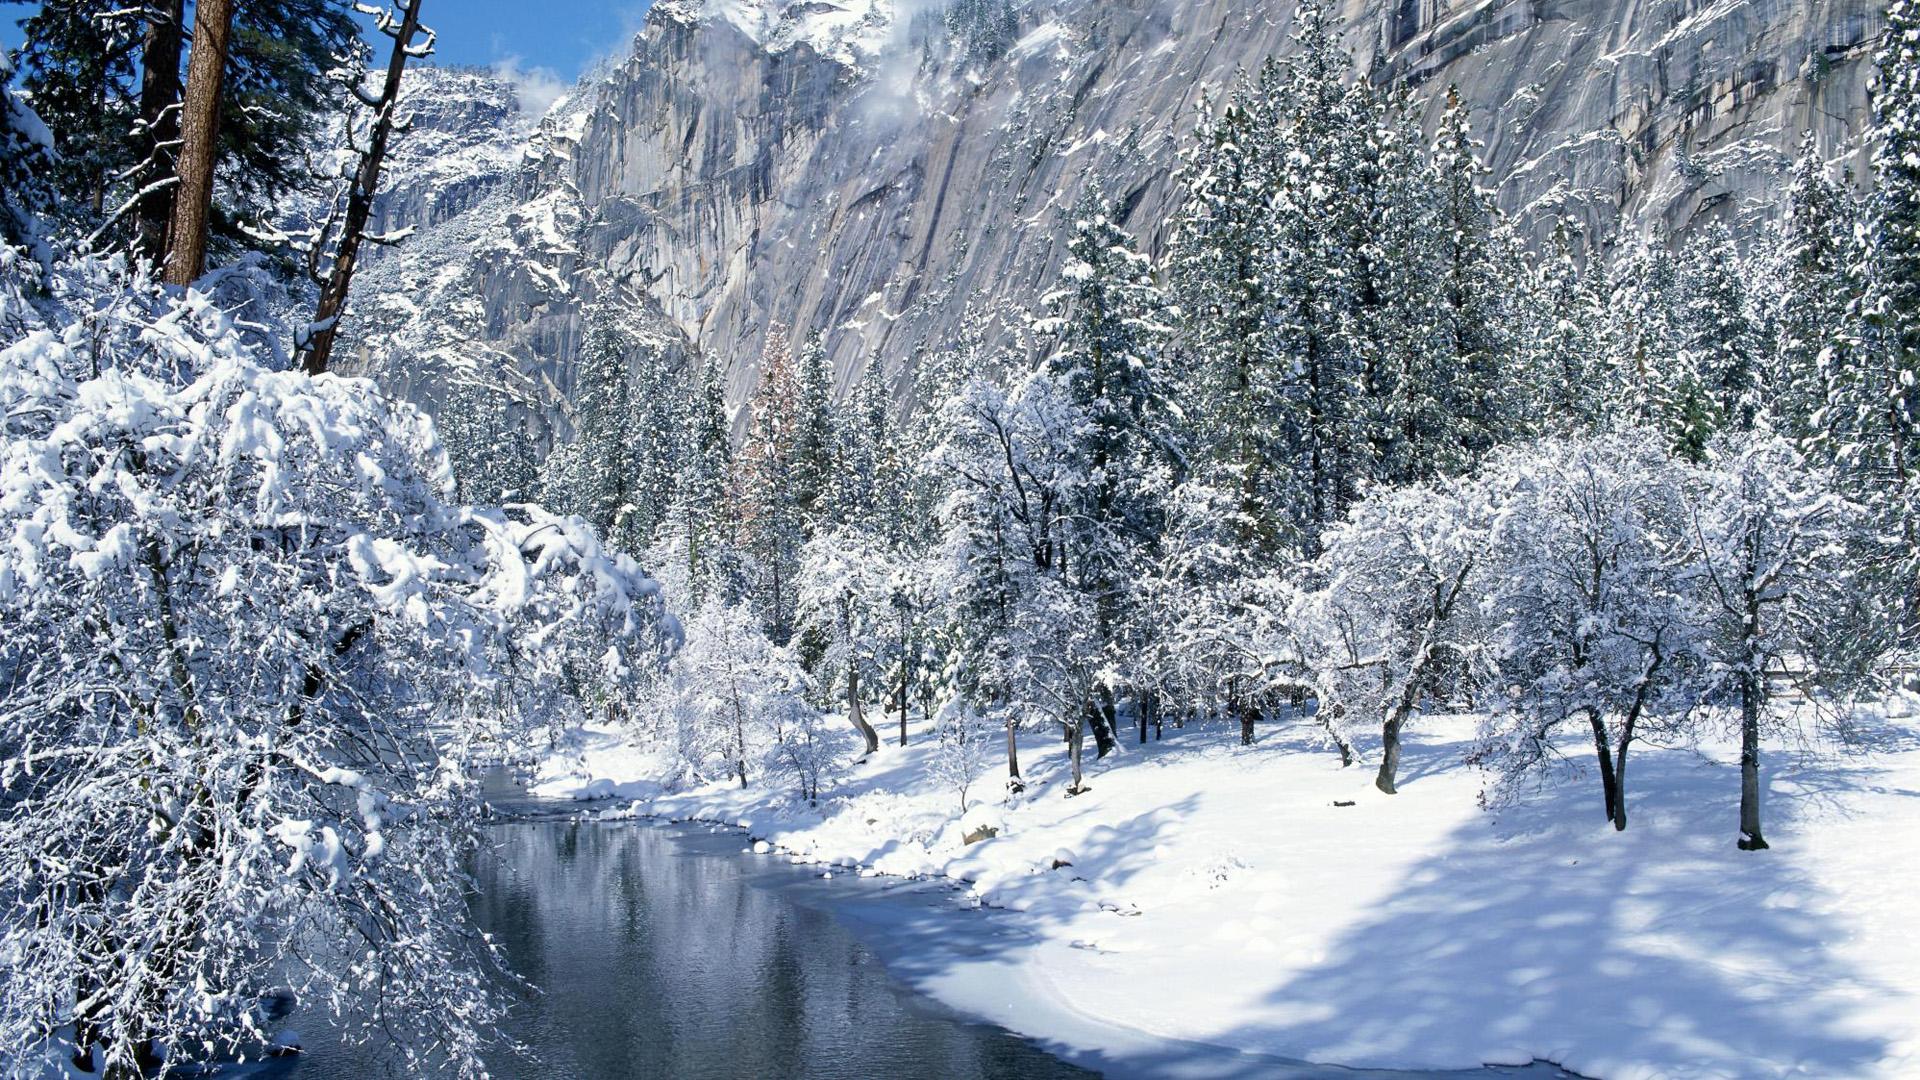 winter wallpaper high definition high definition wallpapersjpg 1920x1080